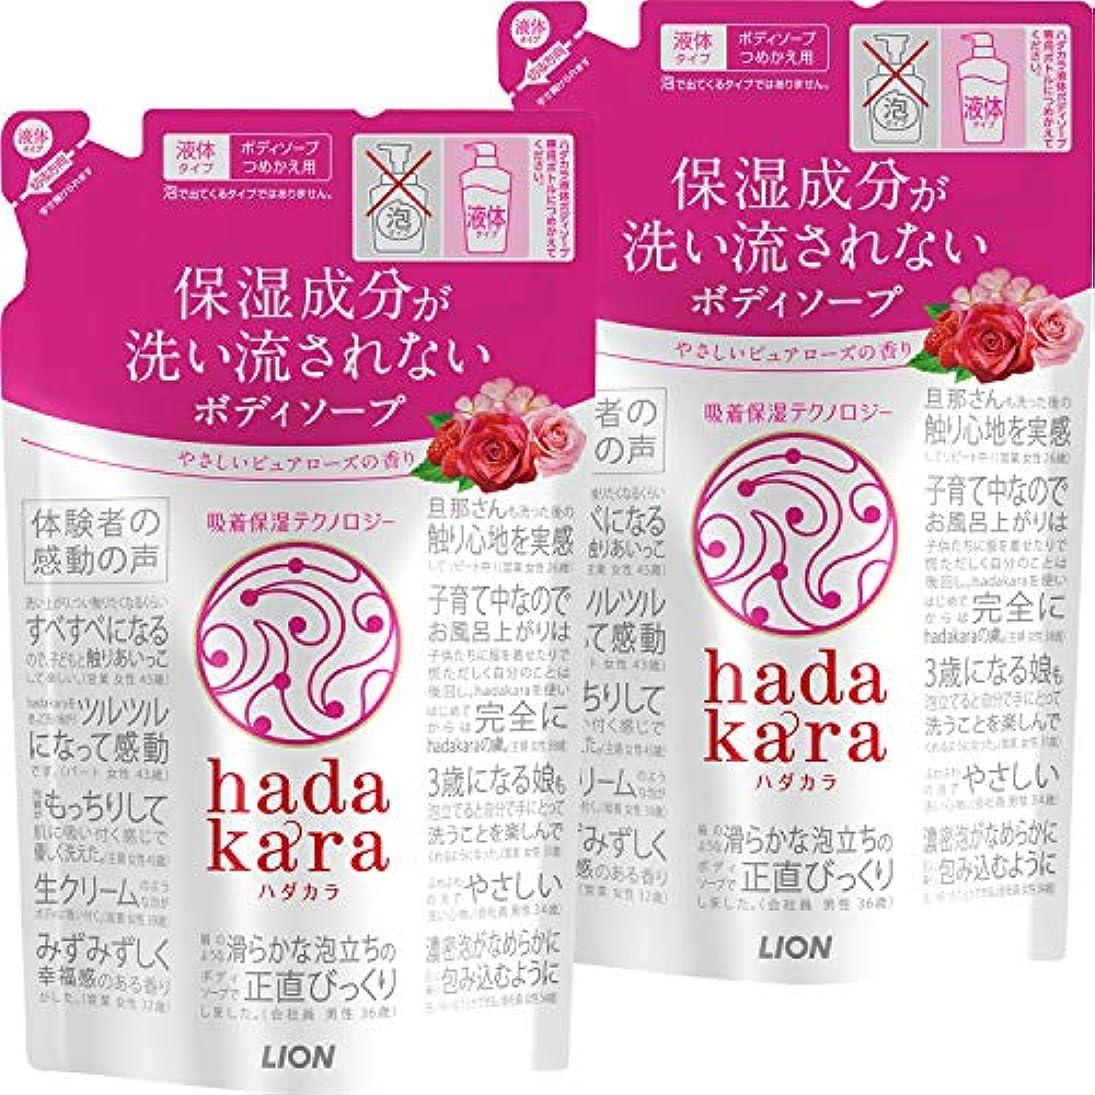 素敵なロードブロッキング告発【まとめ買い】hadakara(ハダカラ) ボディソープ ピュアローズの香り 詰め替え 360ml×2個パック